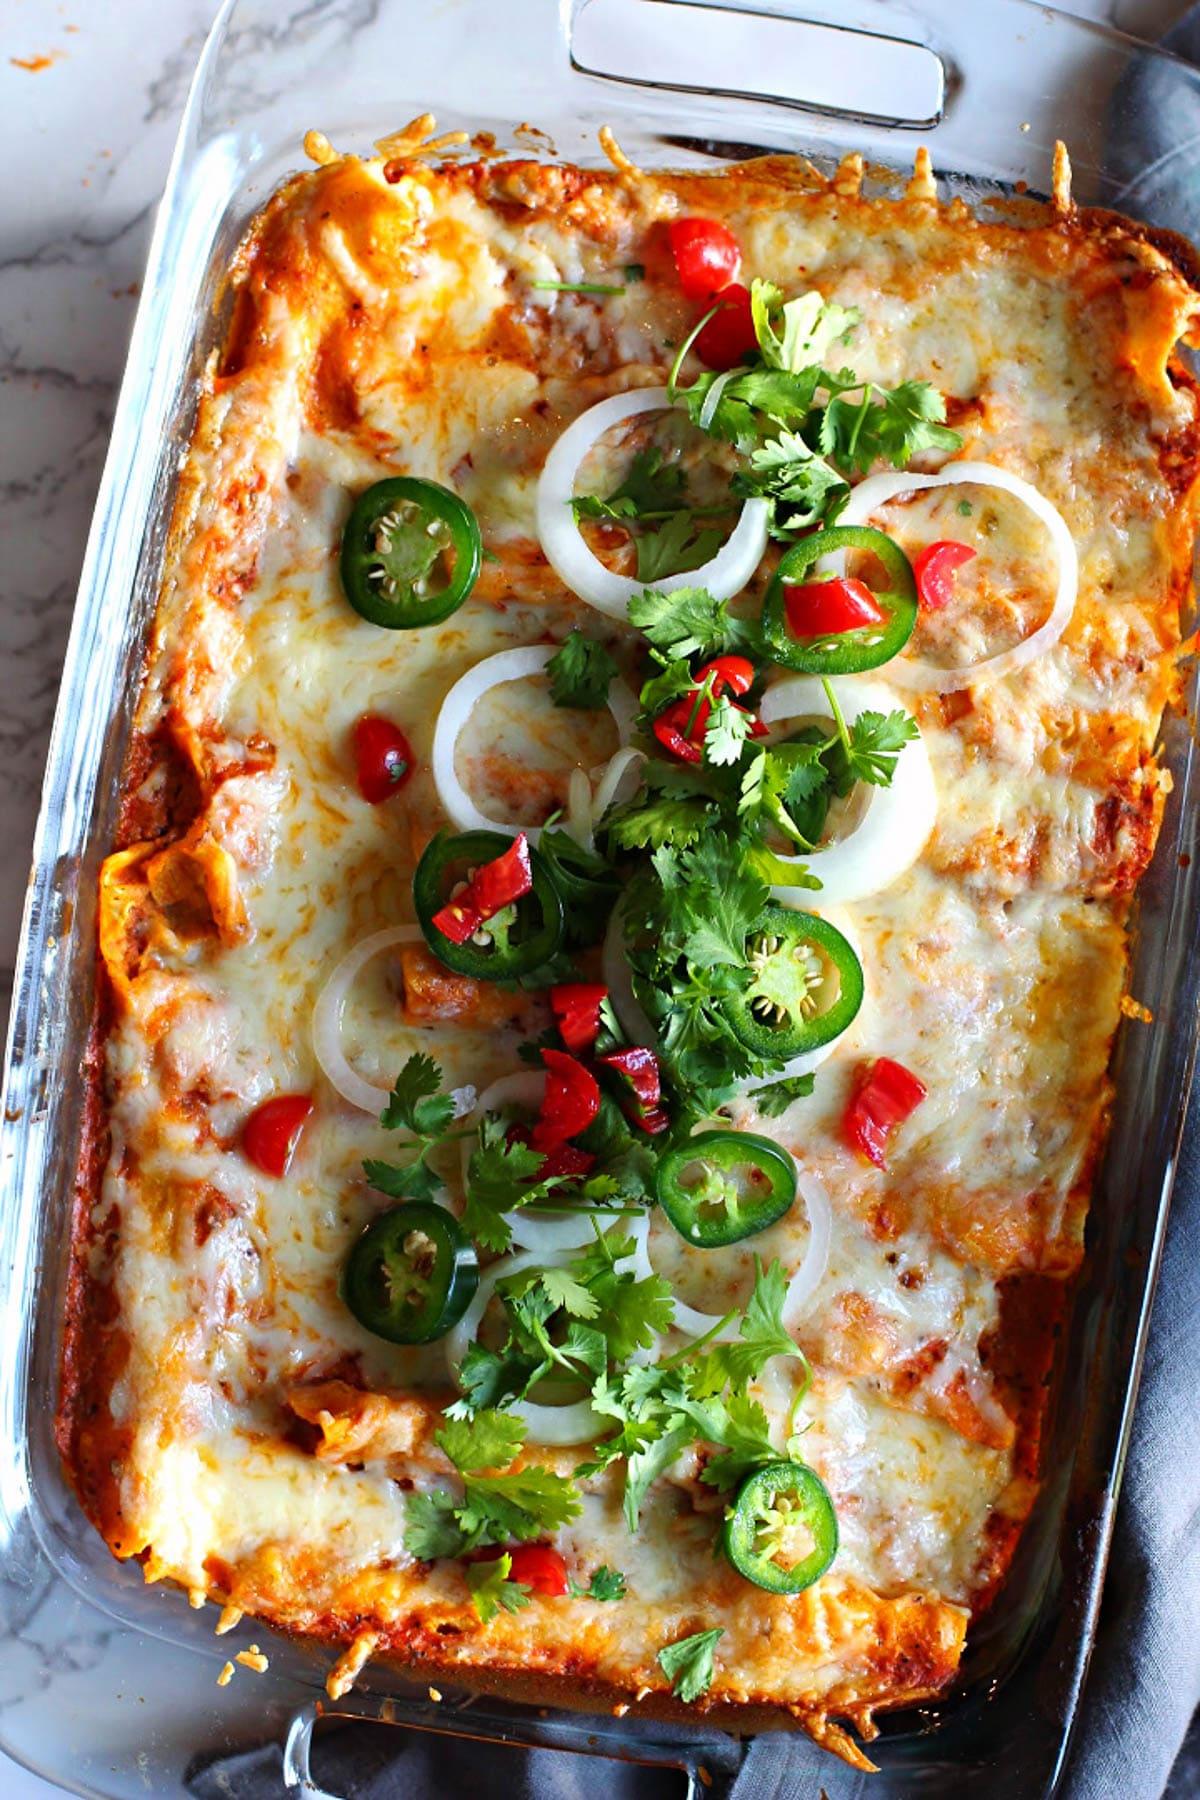 Chicken enchilada casserole with tomato cream sauce